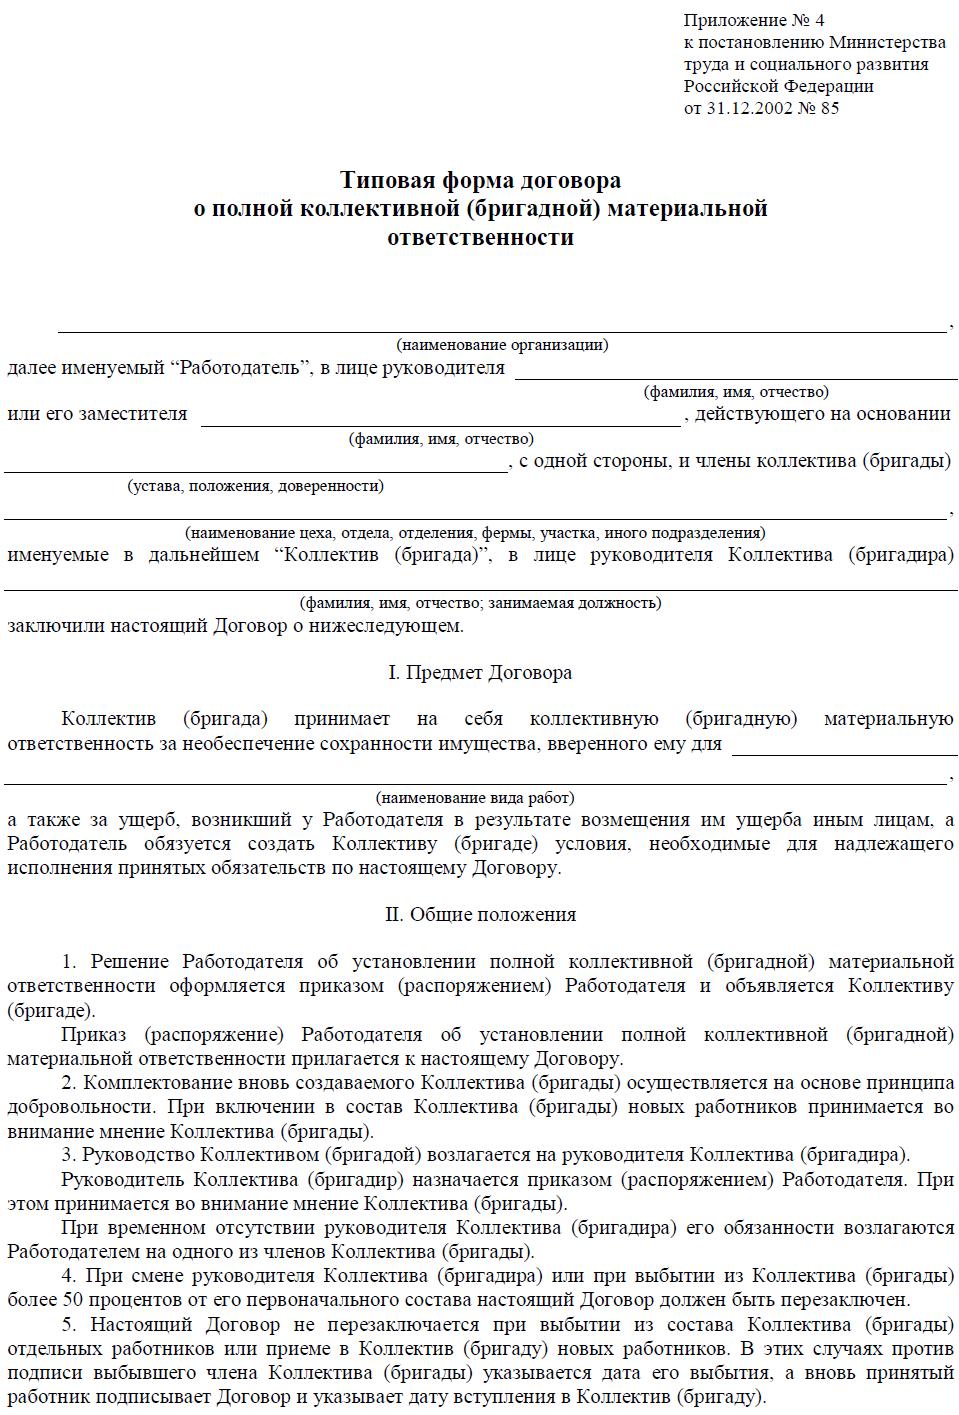 Изменения в законодательстве, вступающие в силу с 1 июля